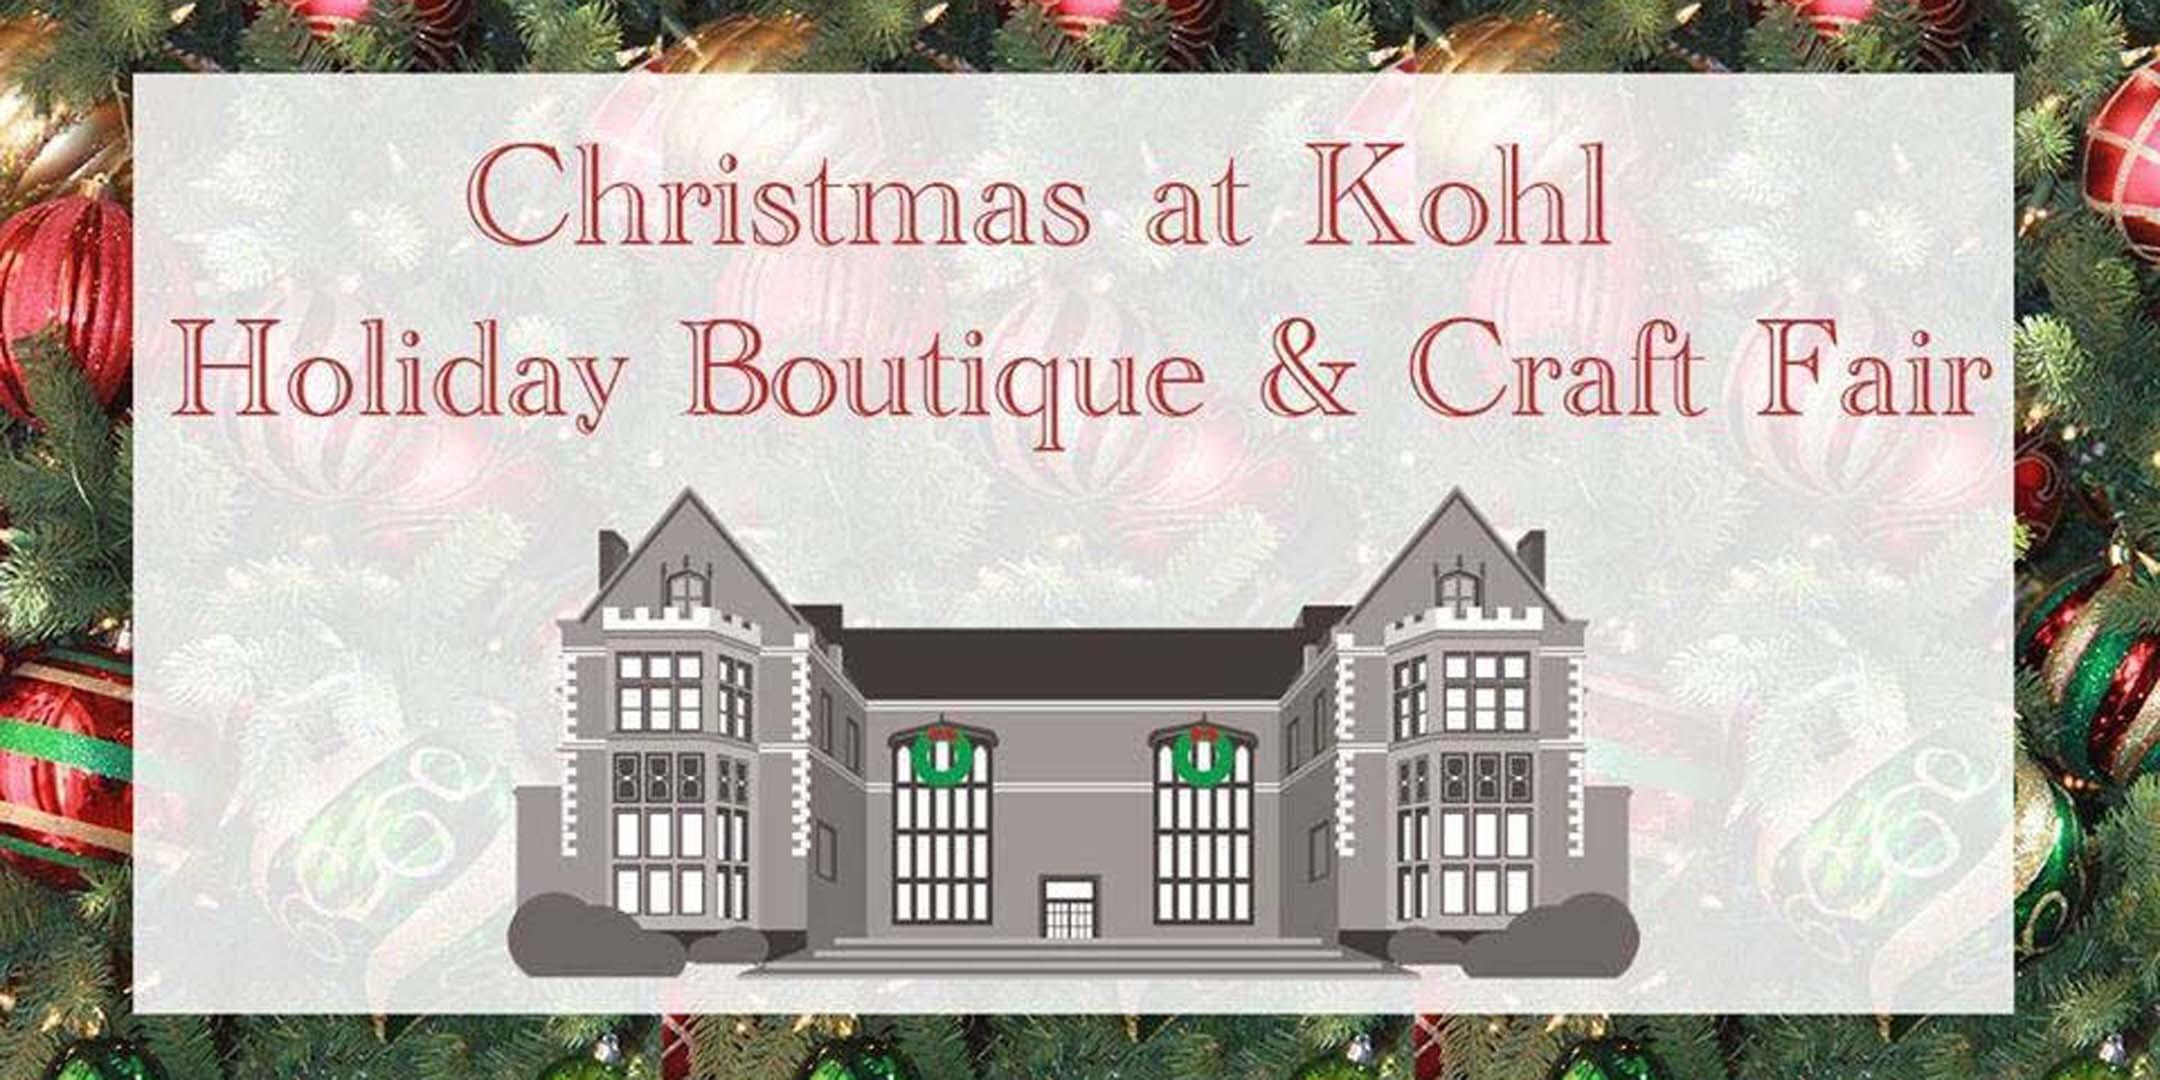 Christmas at Kohl at Kohl Mansion in San Francisco Tickets ...